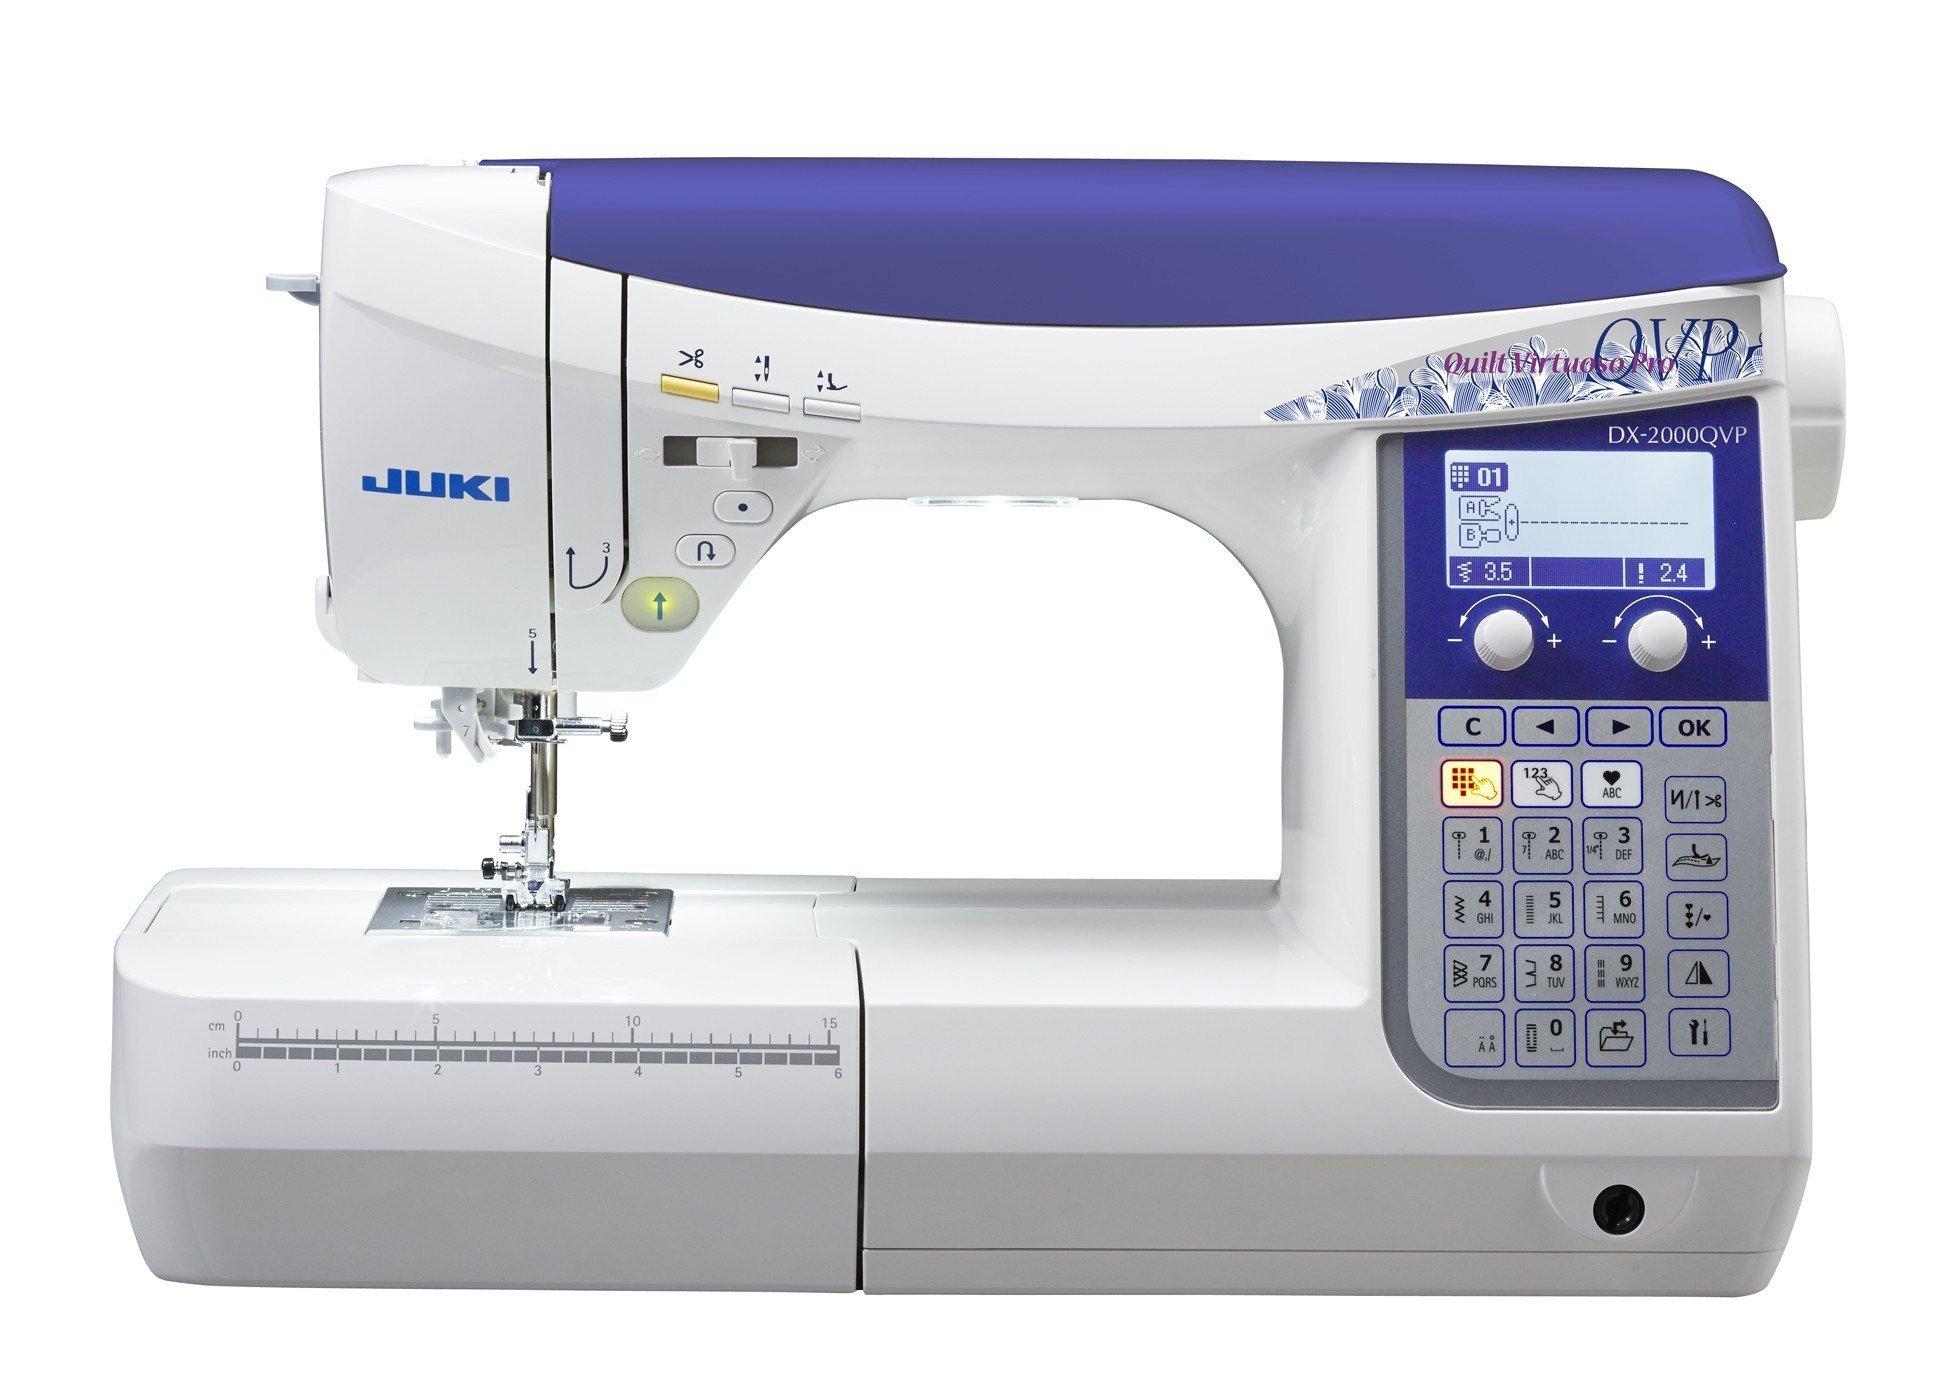 Juki DX2000 QVP Sewing & Quilting Machine